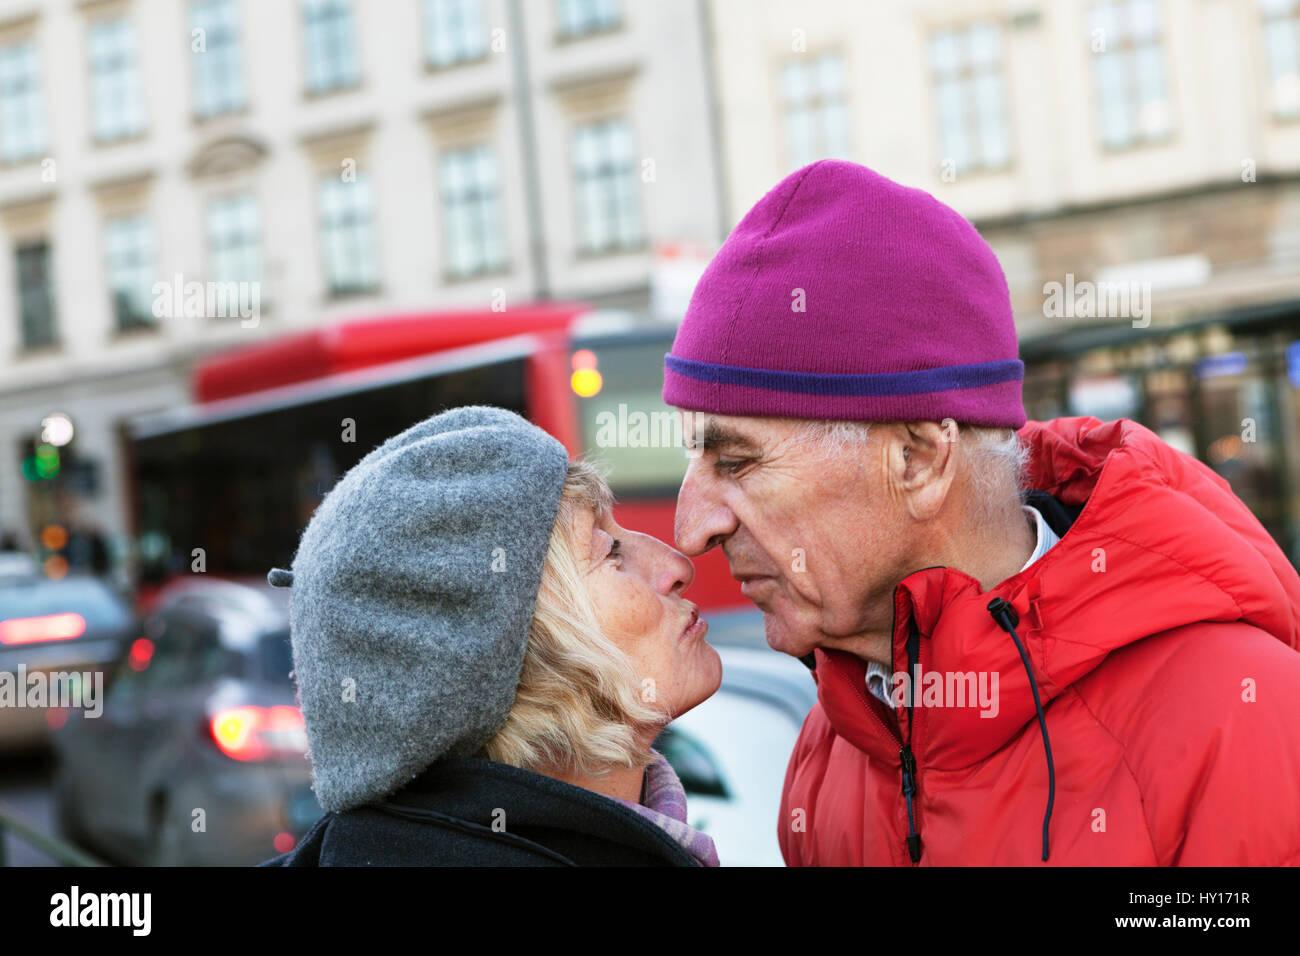 La Svezia, Stoccolma, sodermalm, senior giovane baciare in strada Immagini Stock